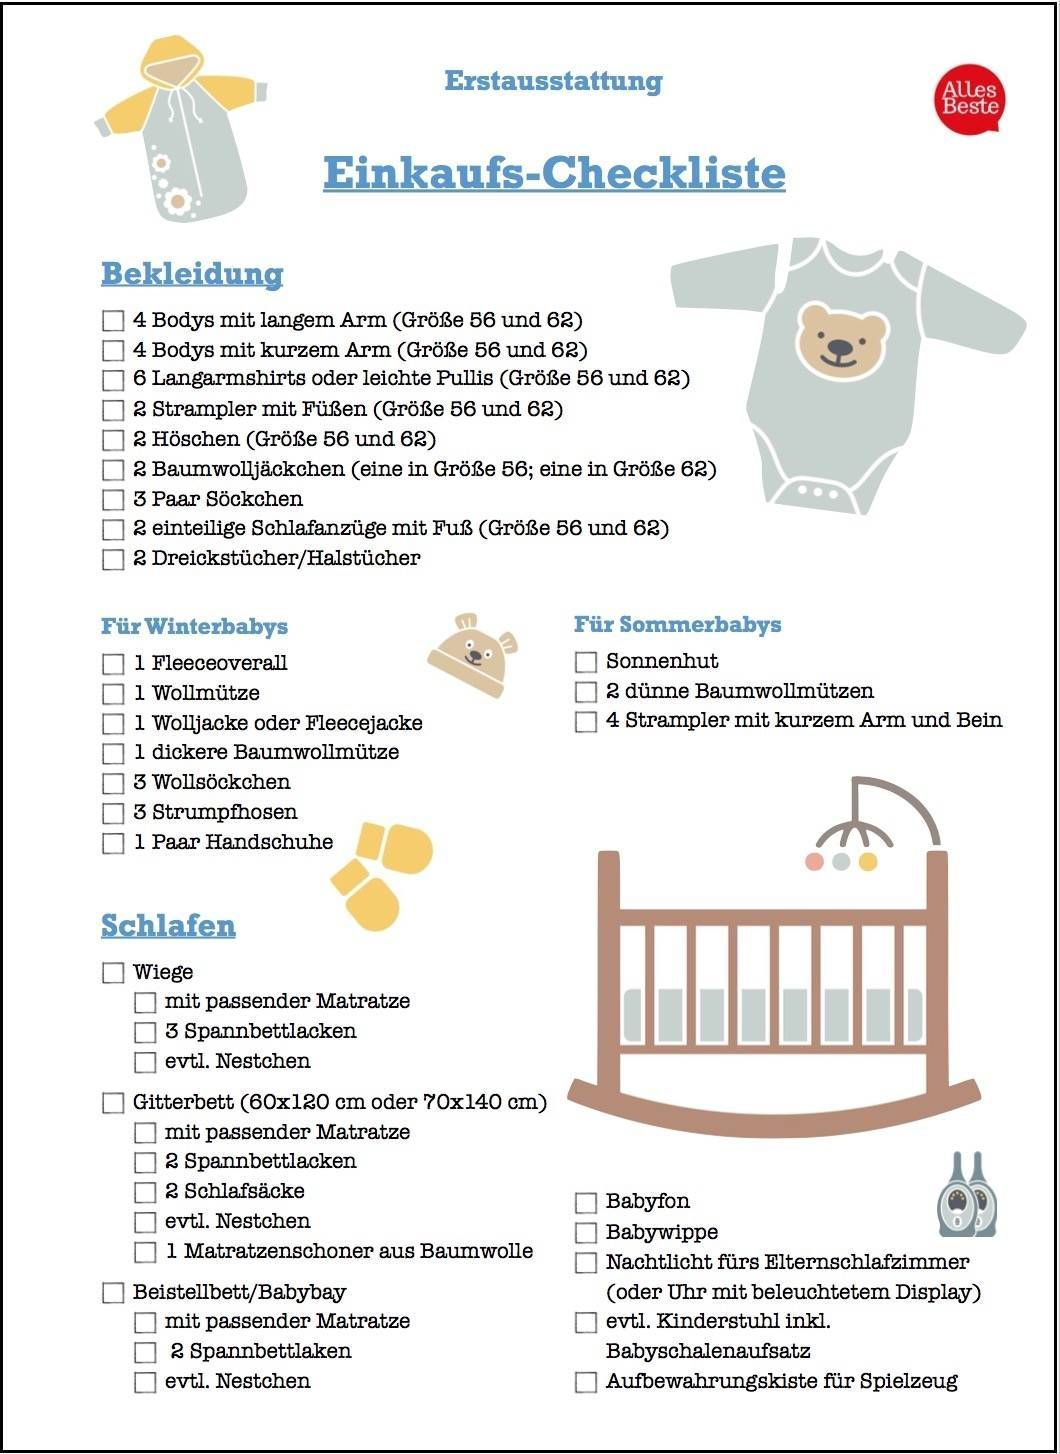 382fb141aae4aa Erstausstattung Einkaufs-Checkliste  babystuffpregnancy  Geburtsvorbereitung